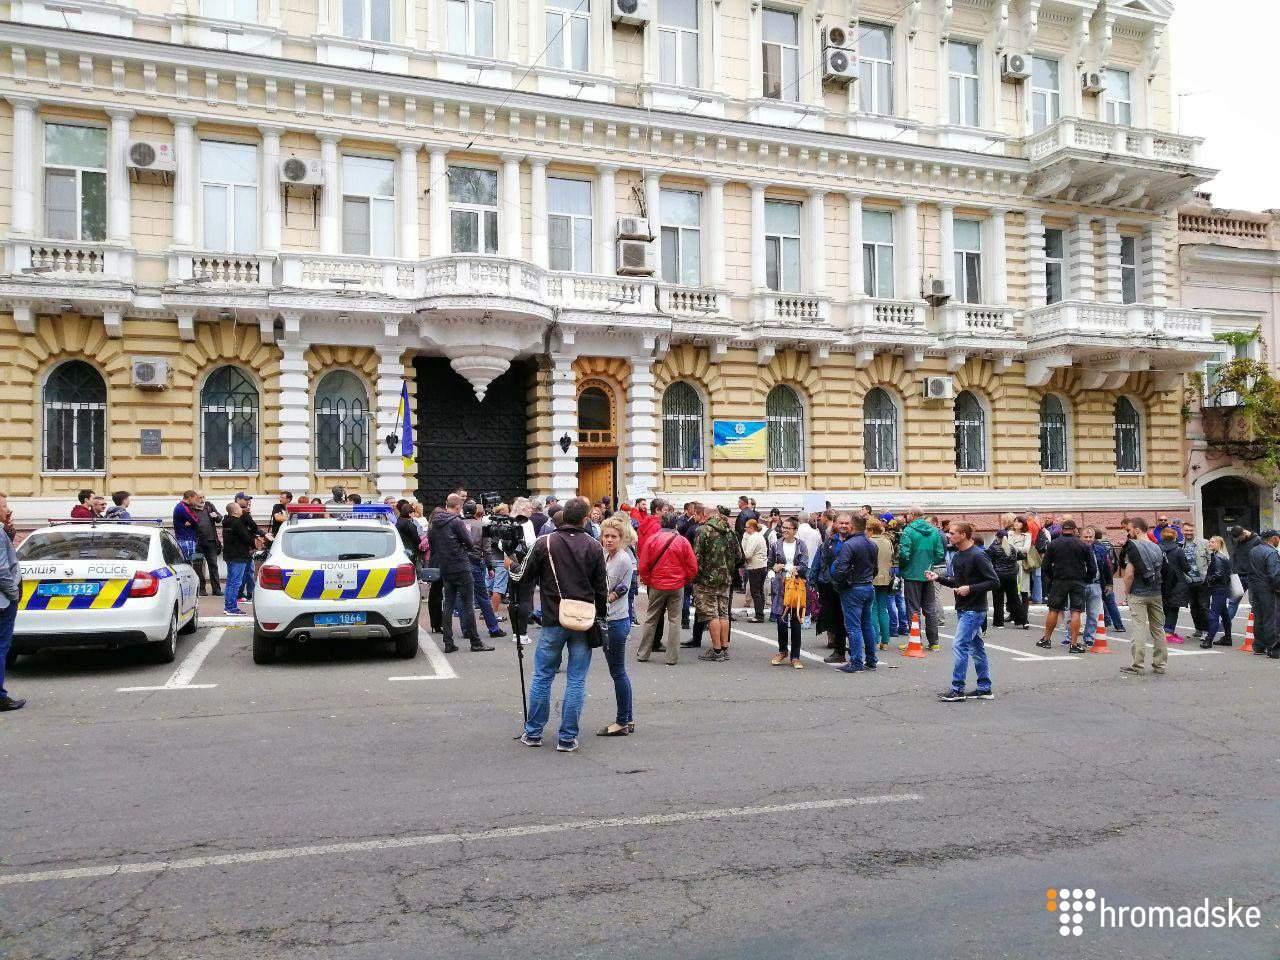 Протест в Одессе: Люди требуют отставки руководителей полиции и прокуратуры